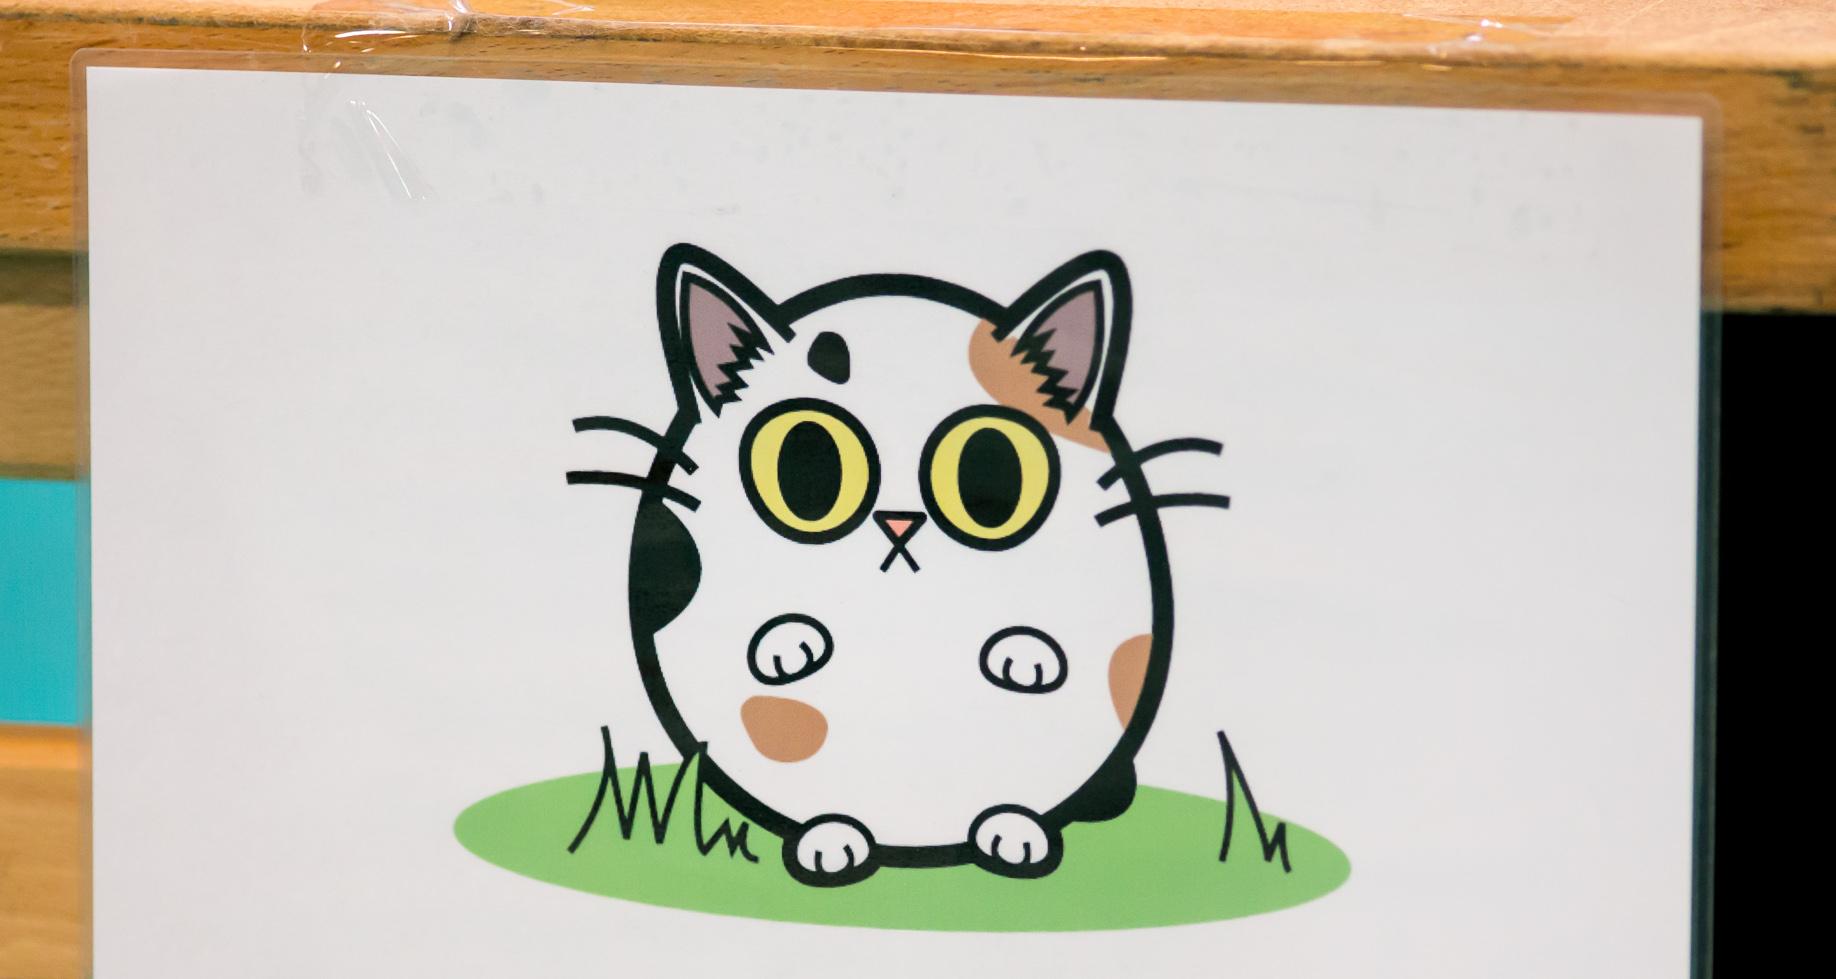 arvoitusten kissa, kuva 213001, 13.10.2013